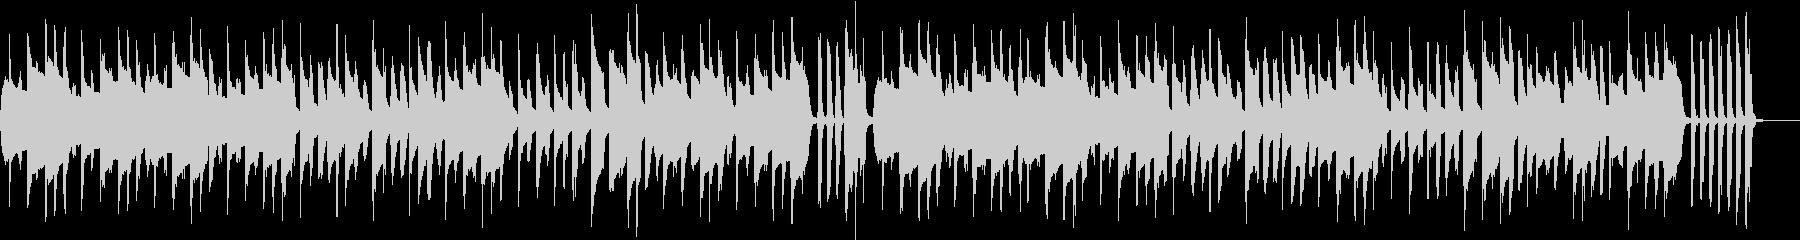 ほのぼのアニメ 日常系楽曲の未再生の波形